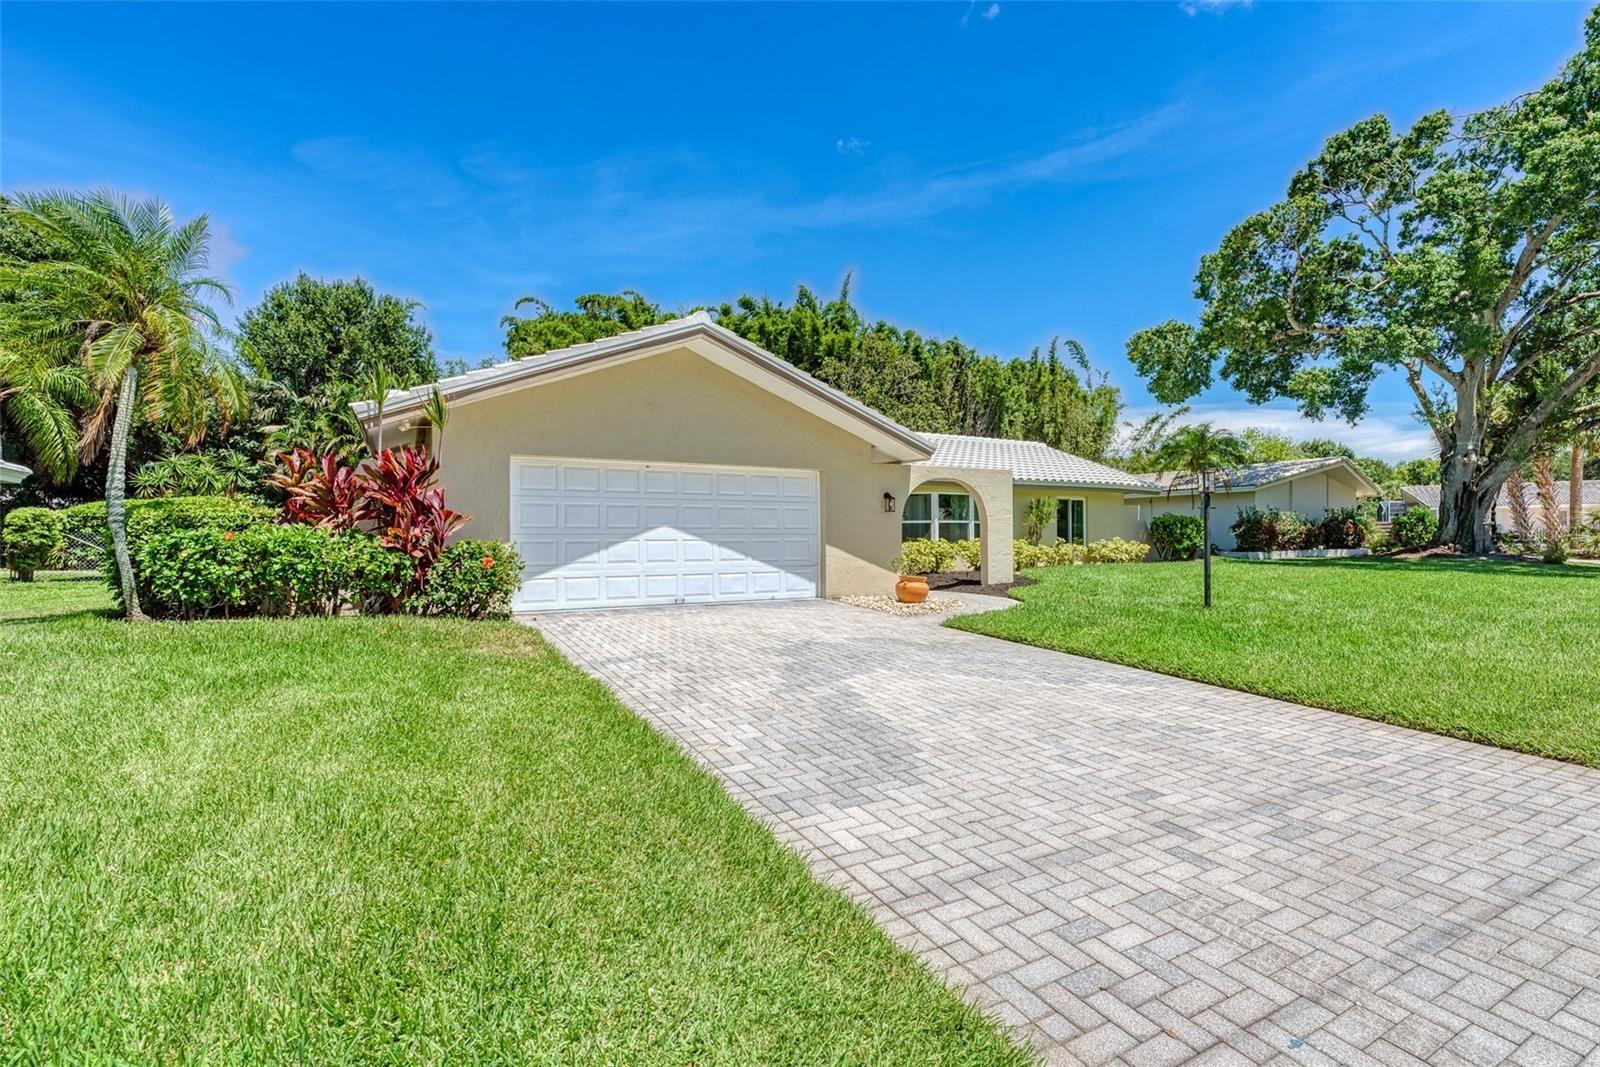 2241 RIVIERA DRIVE, Sarasota, FL 34232 - #: A4507819